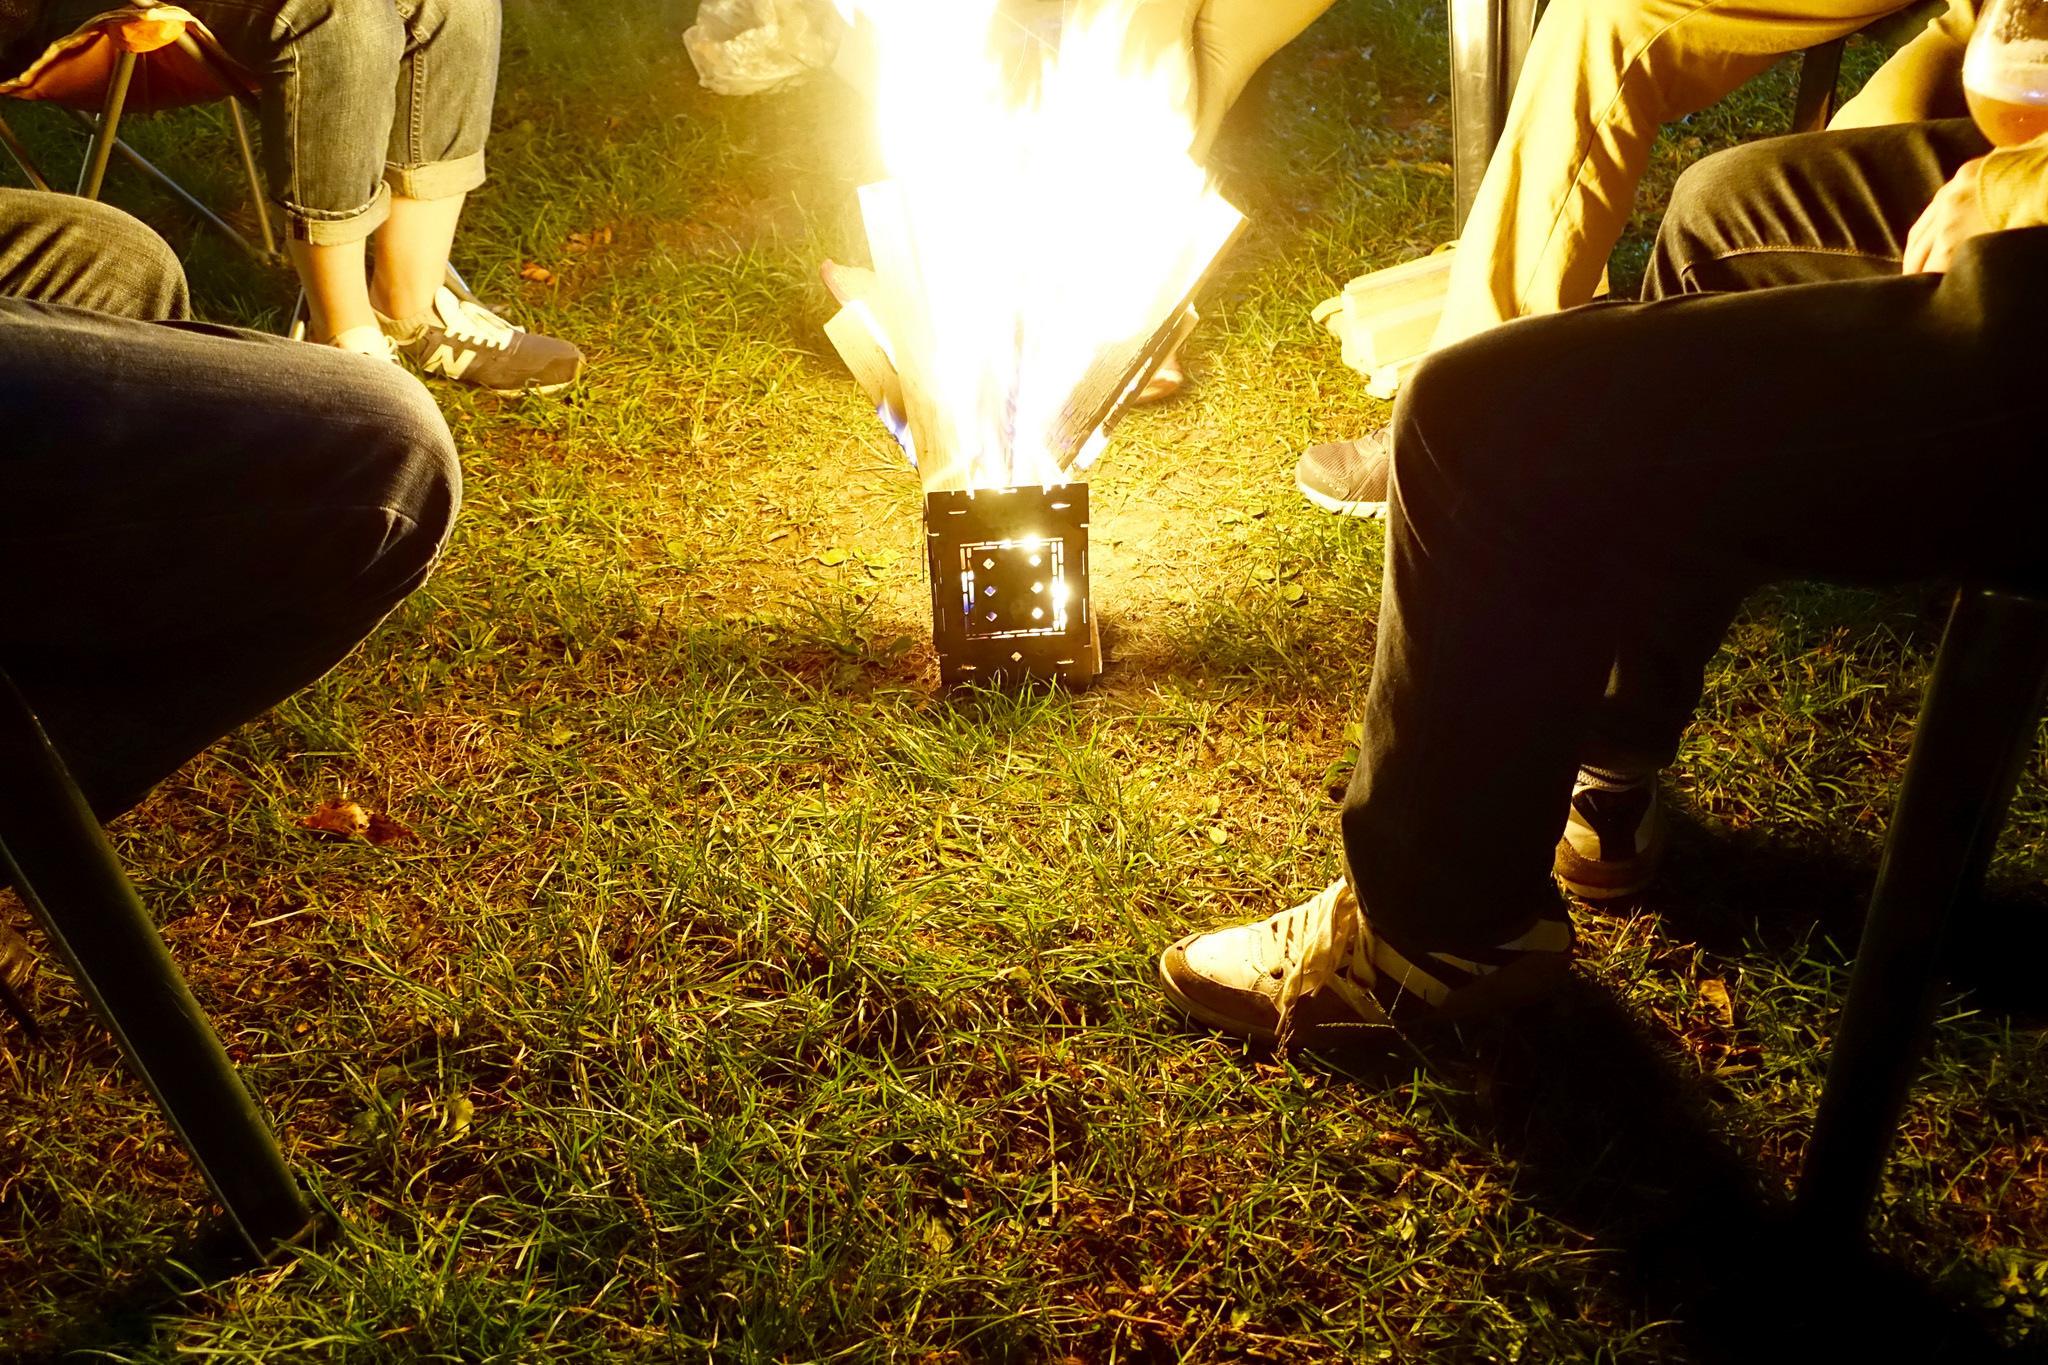 暖まるだけじゃない!料理も楽しめる便利な焚き火台5選